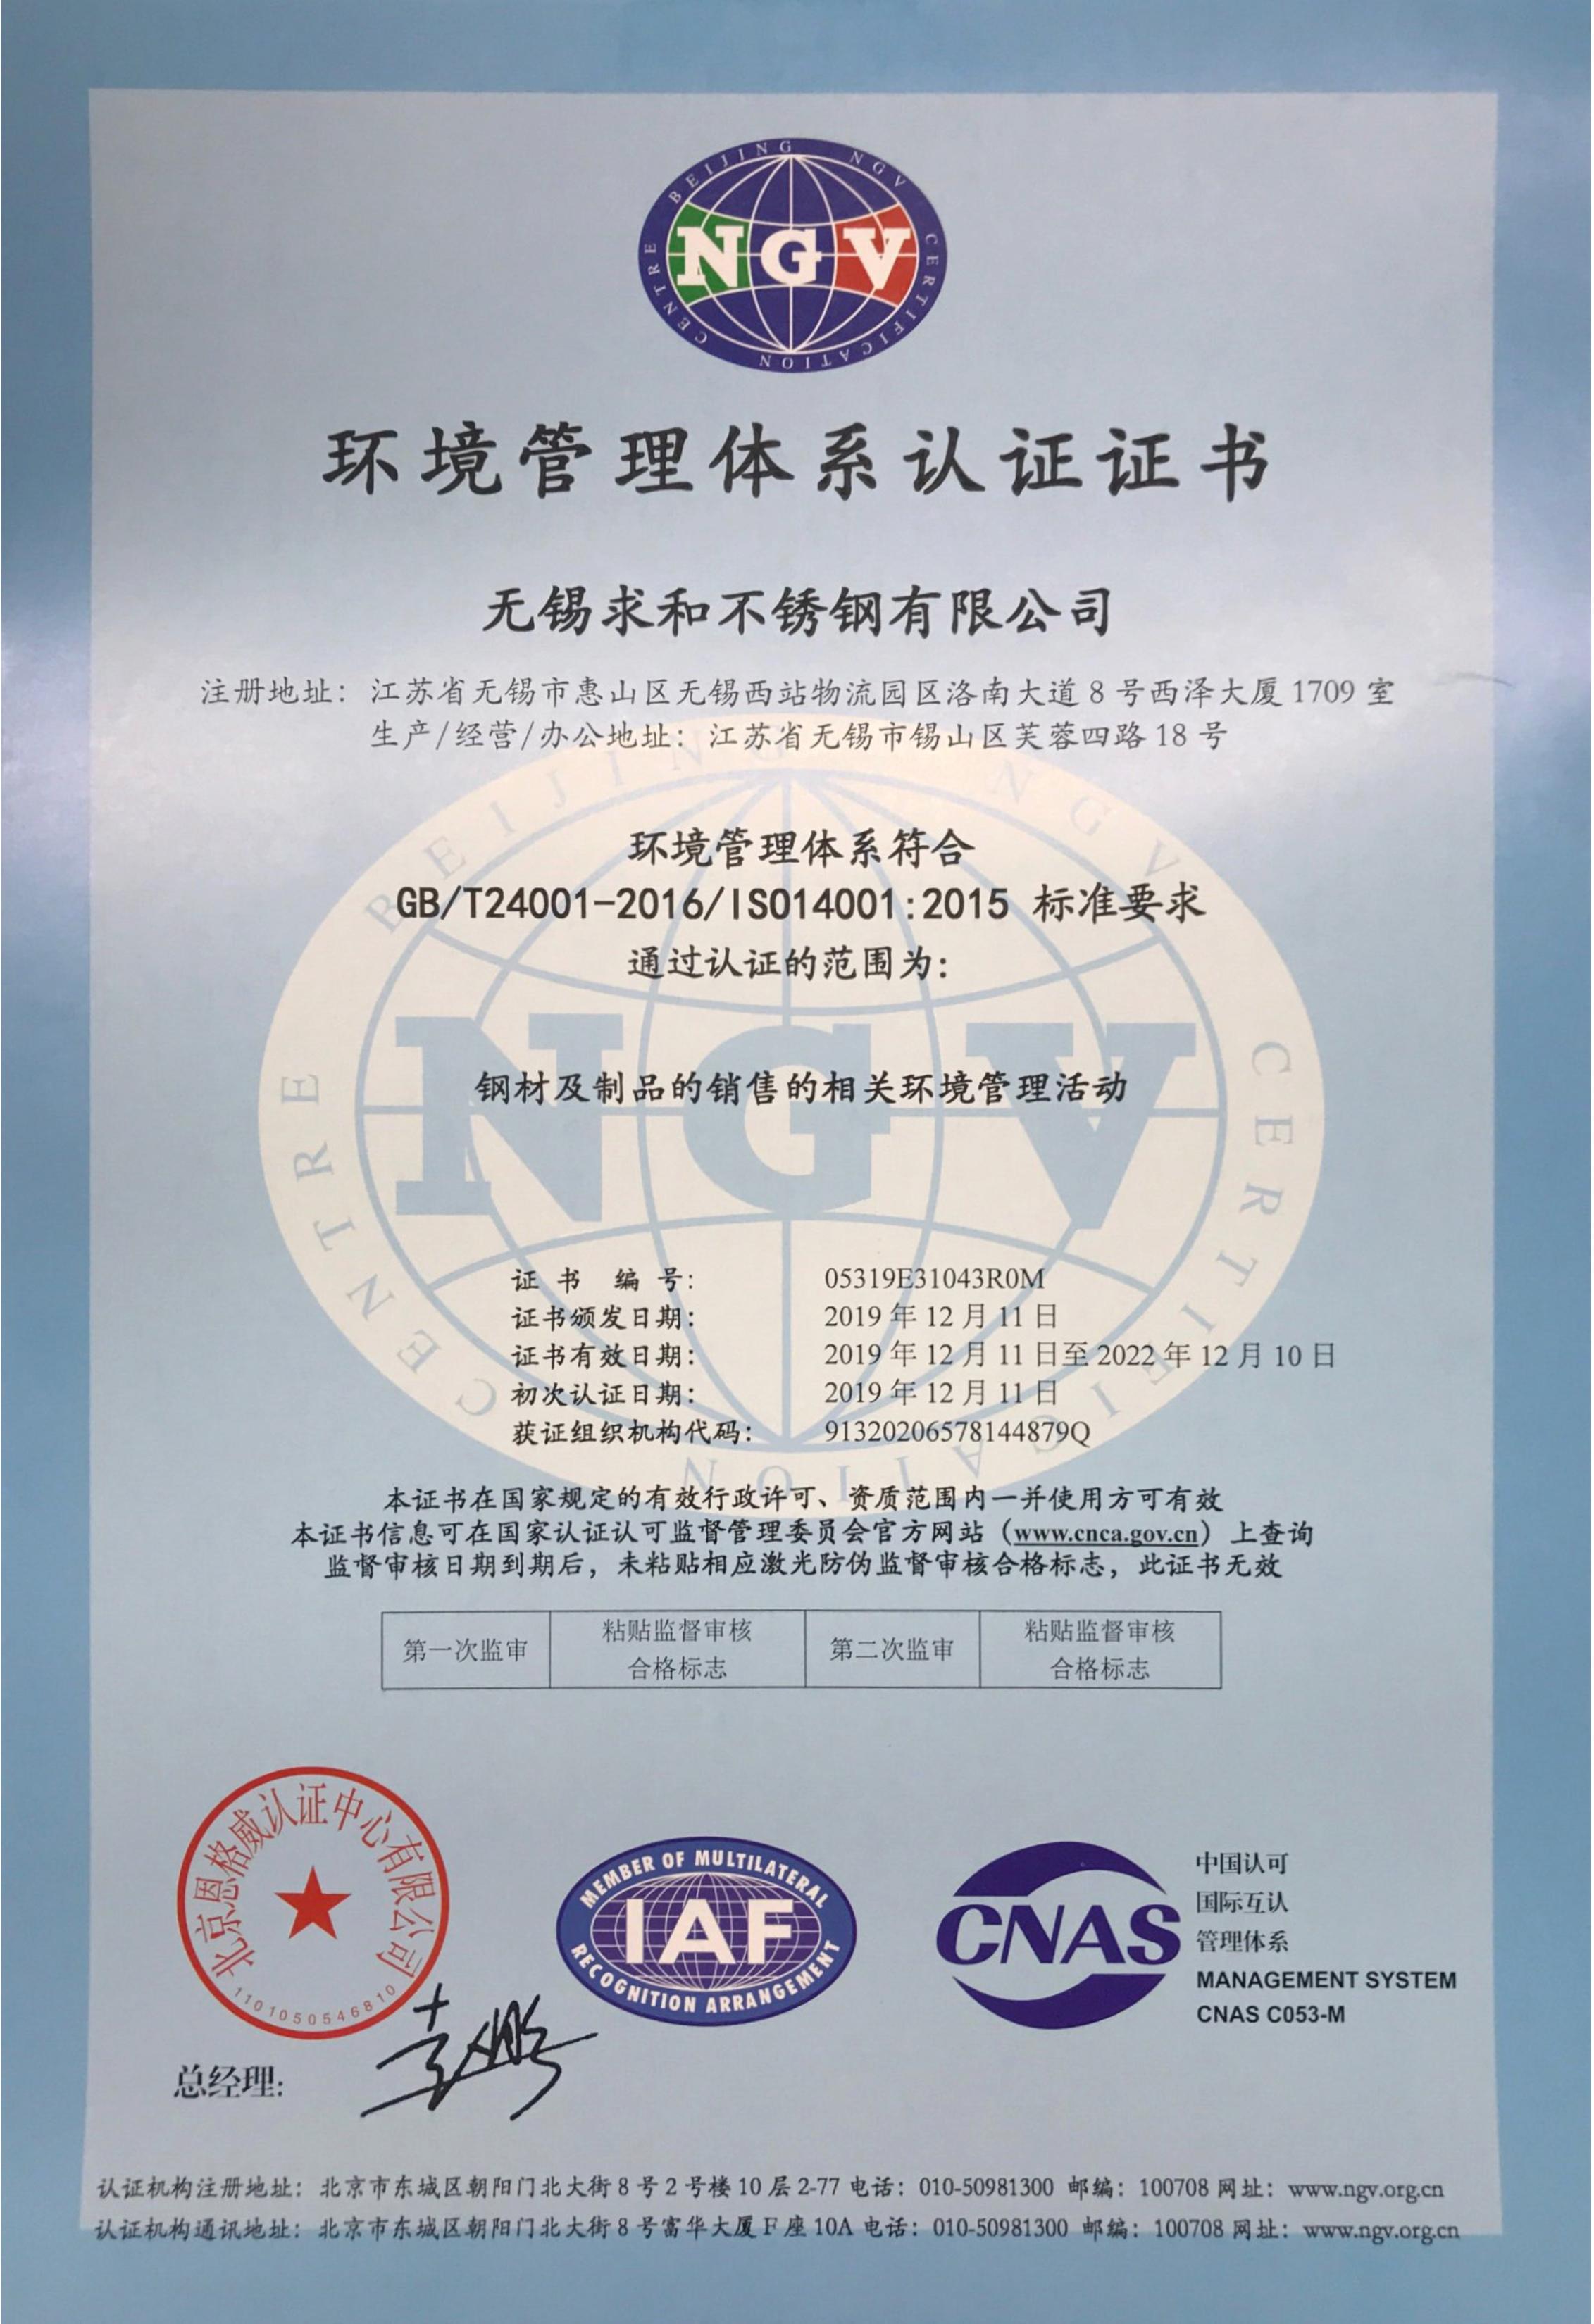 环境管理体系IS014001